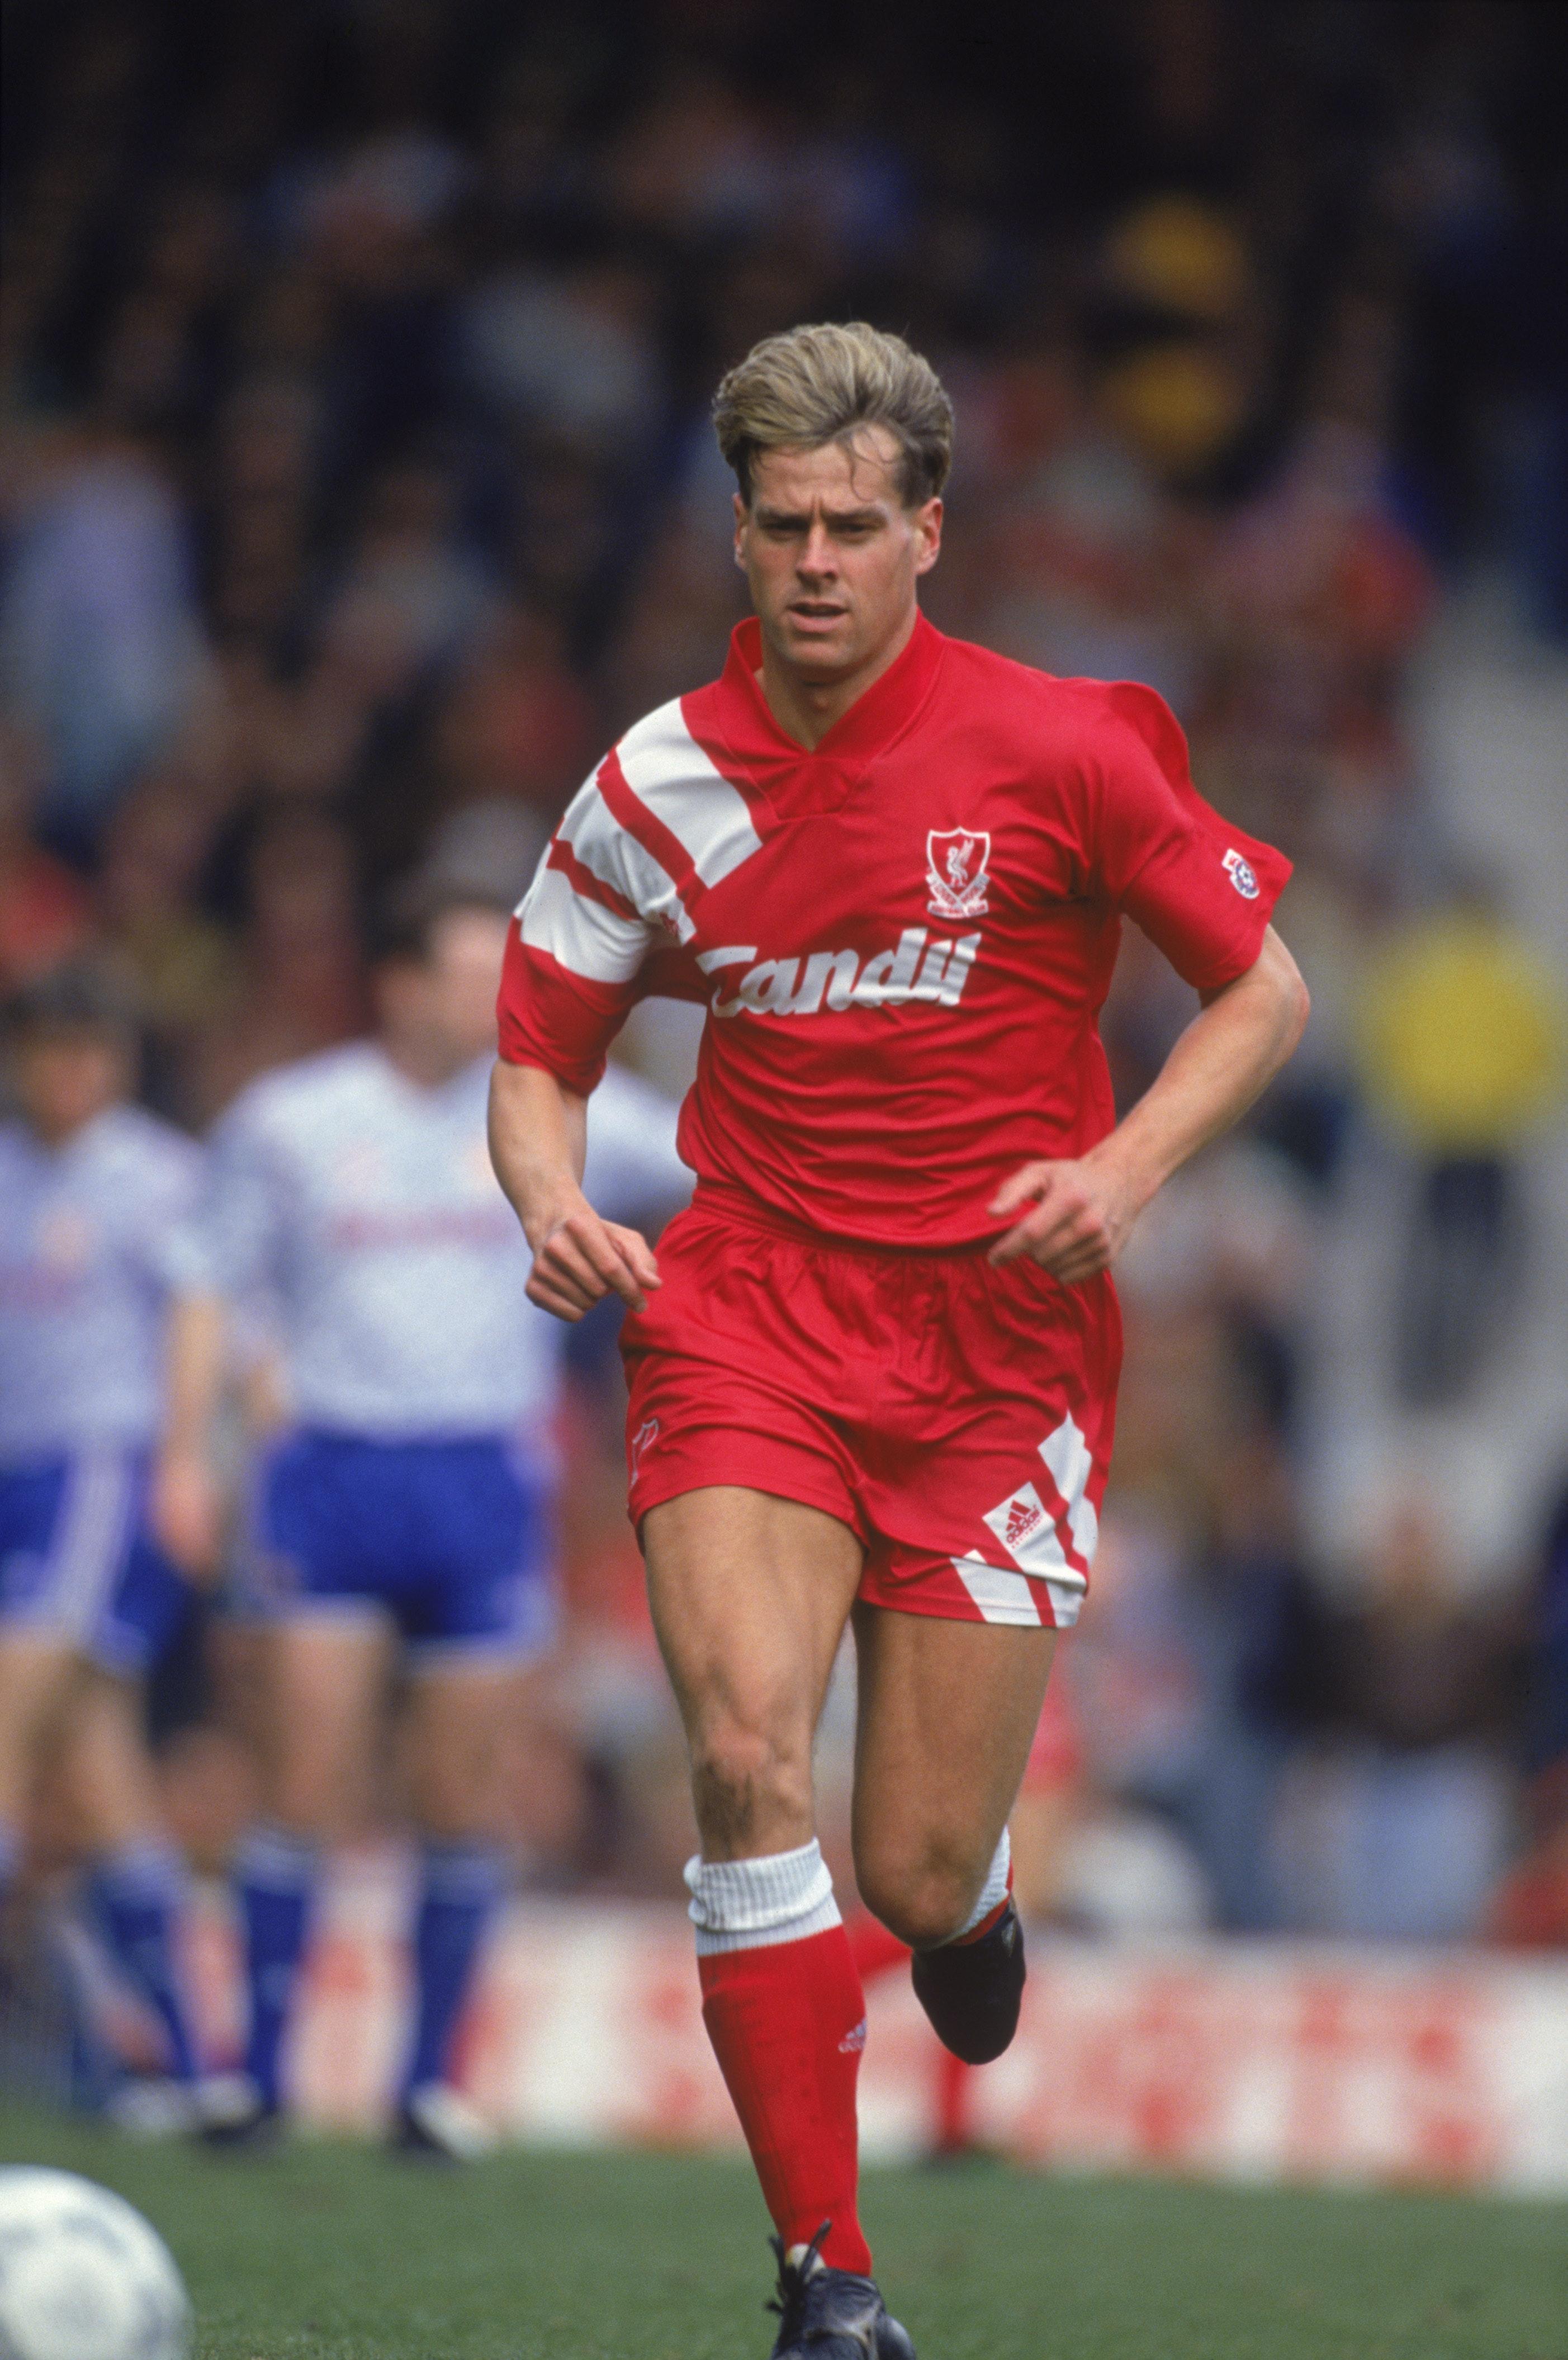 Med et kontroversielt valg, leder tidligere Liverpool-spiller Fantasy Premier League